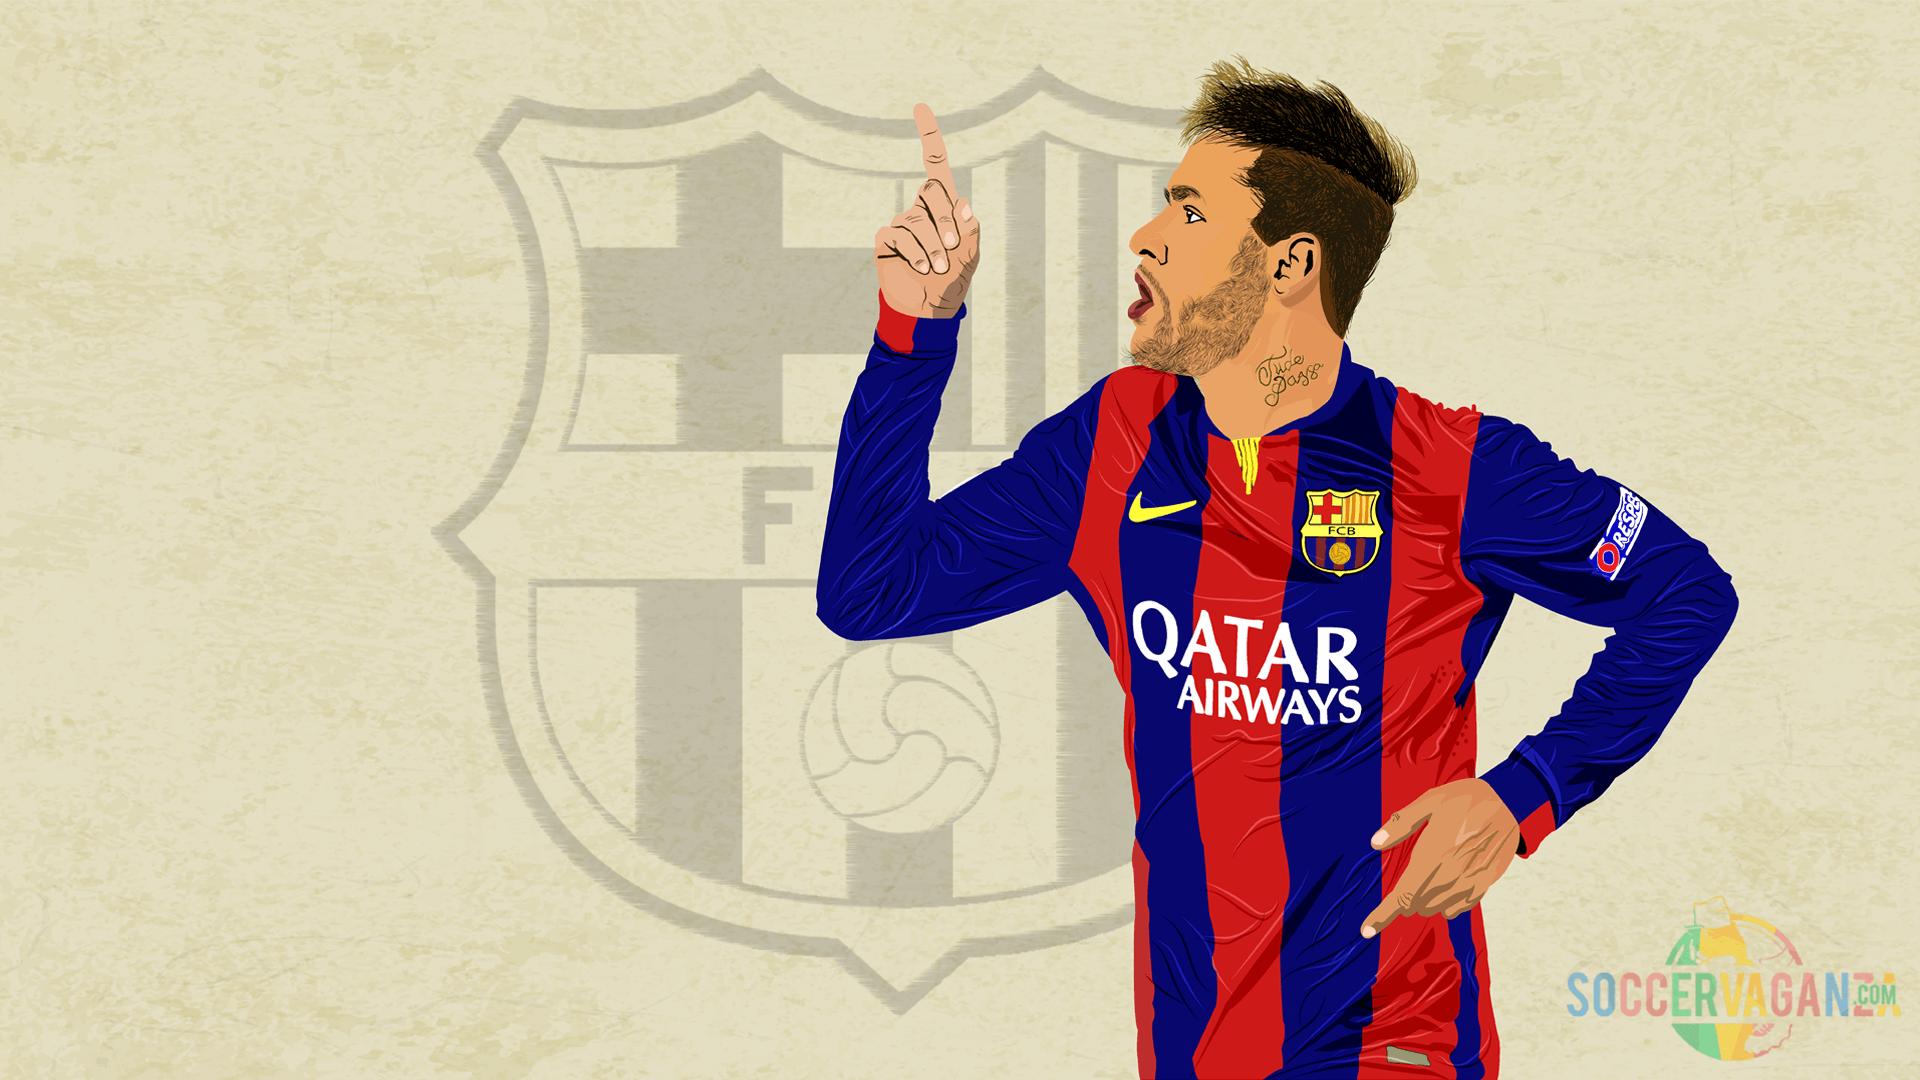 Neymar HD Wallpapers 2016 1920x1080